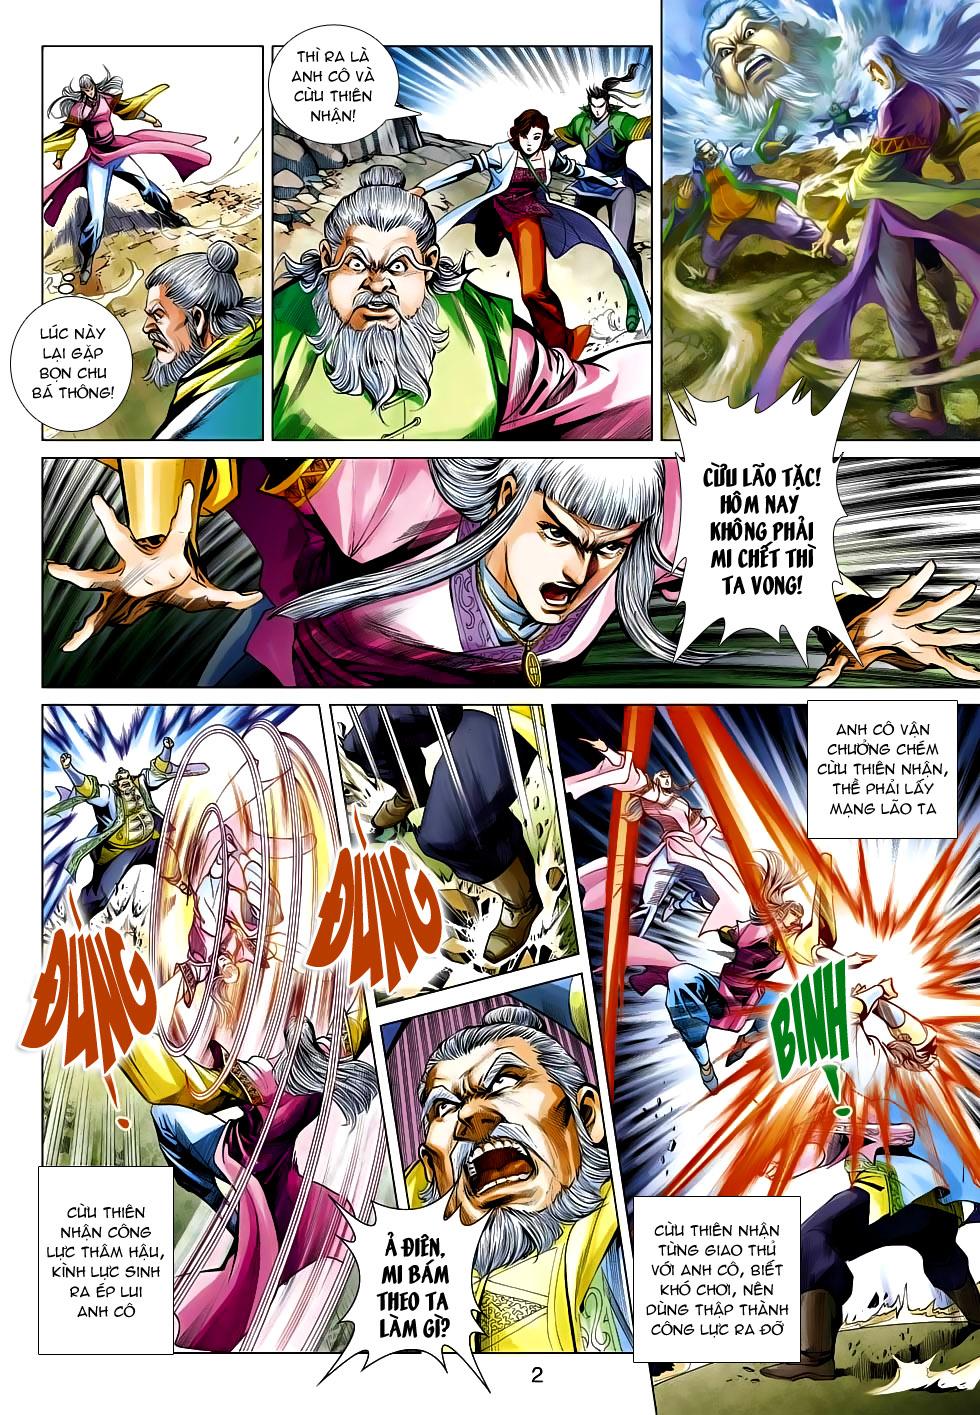 Anh Hùng Xạ Điêu chap 99 - Trang 2